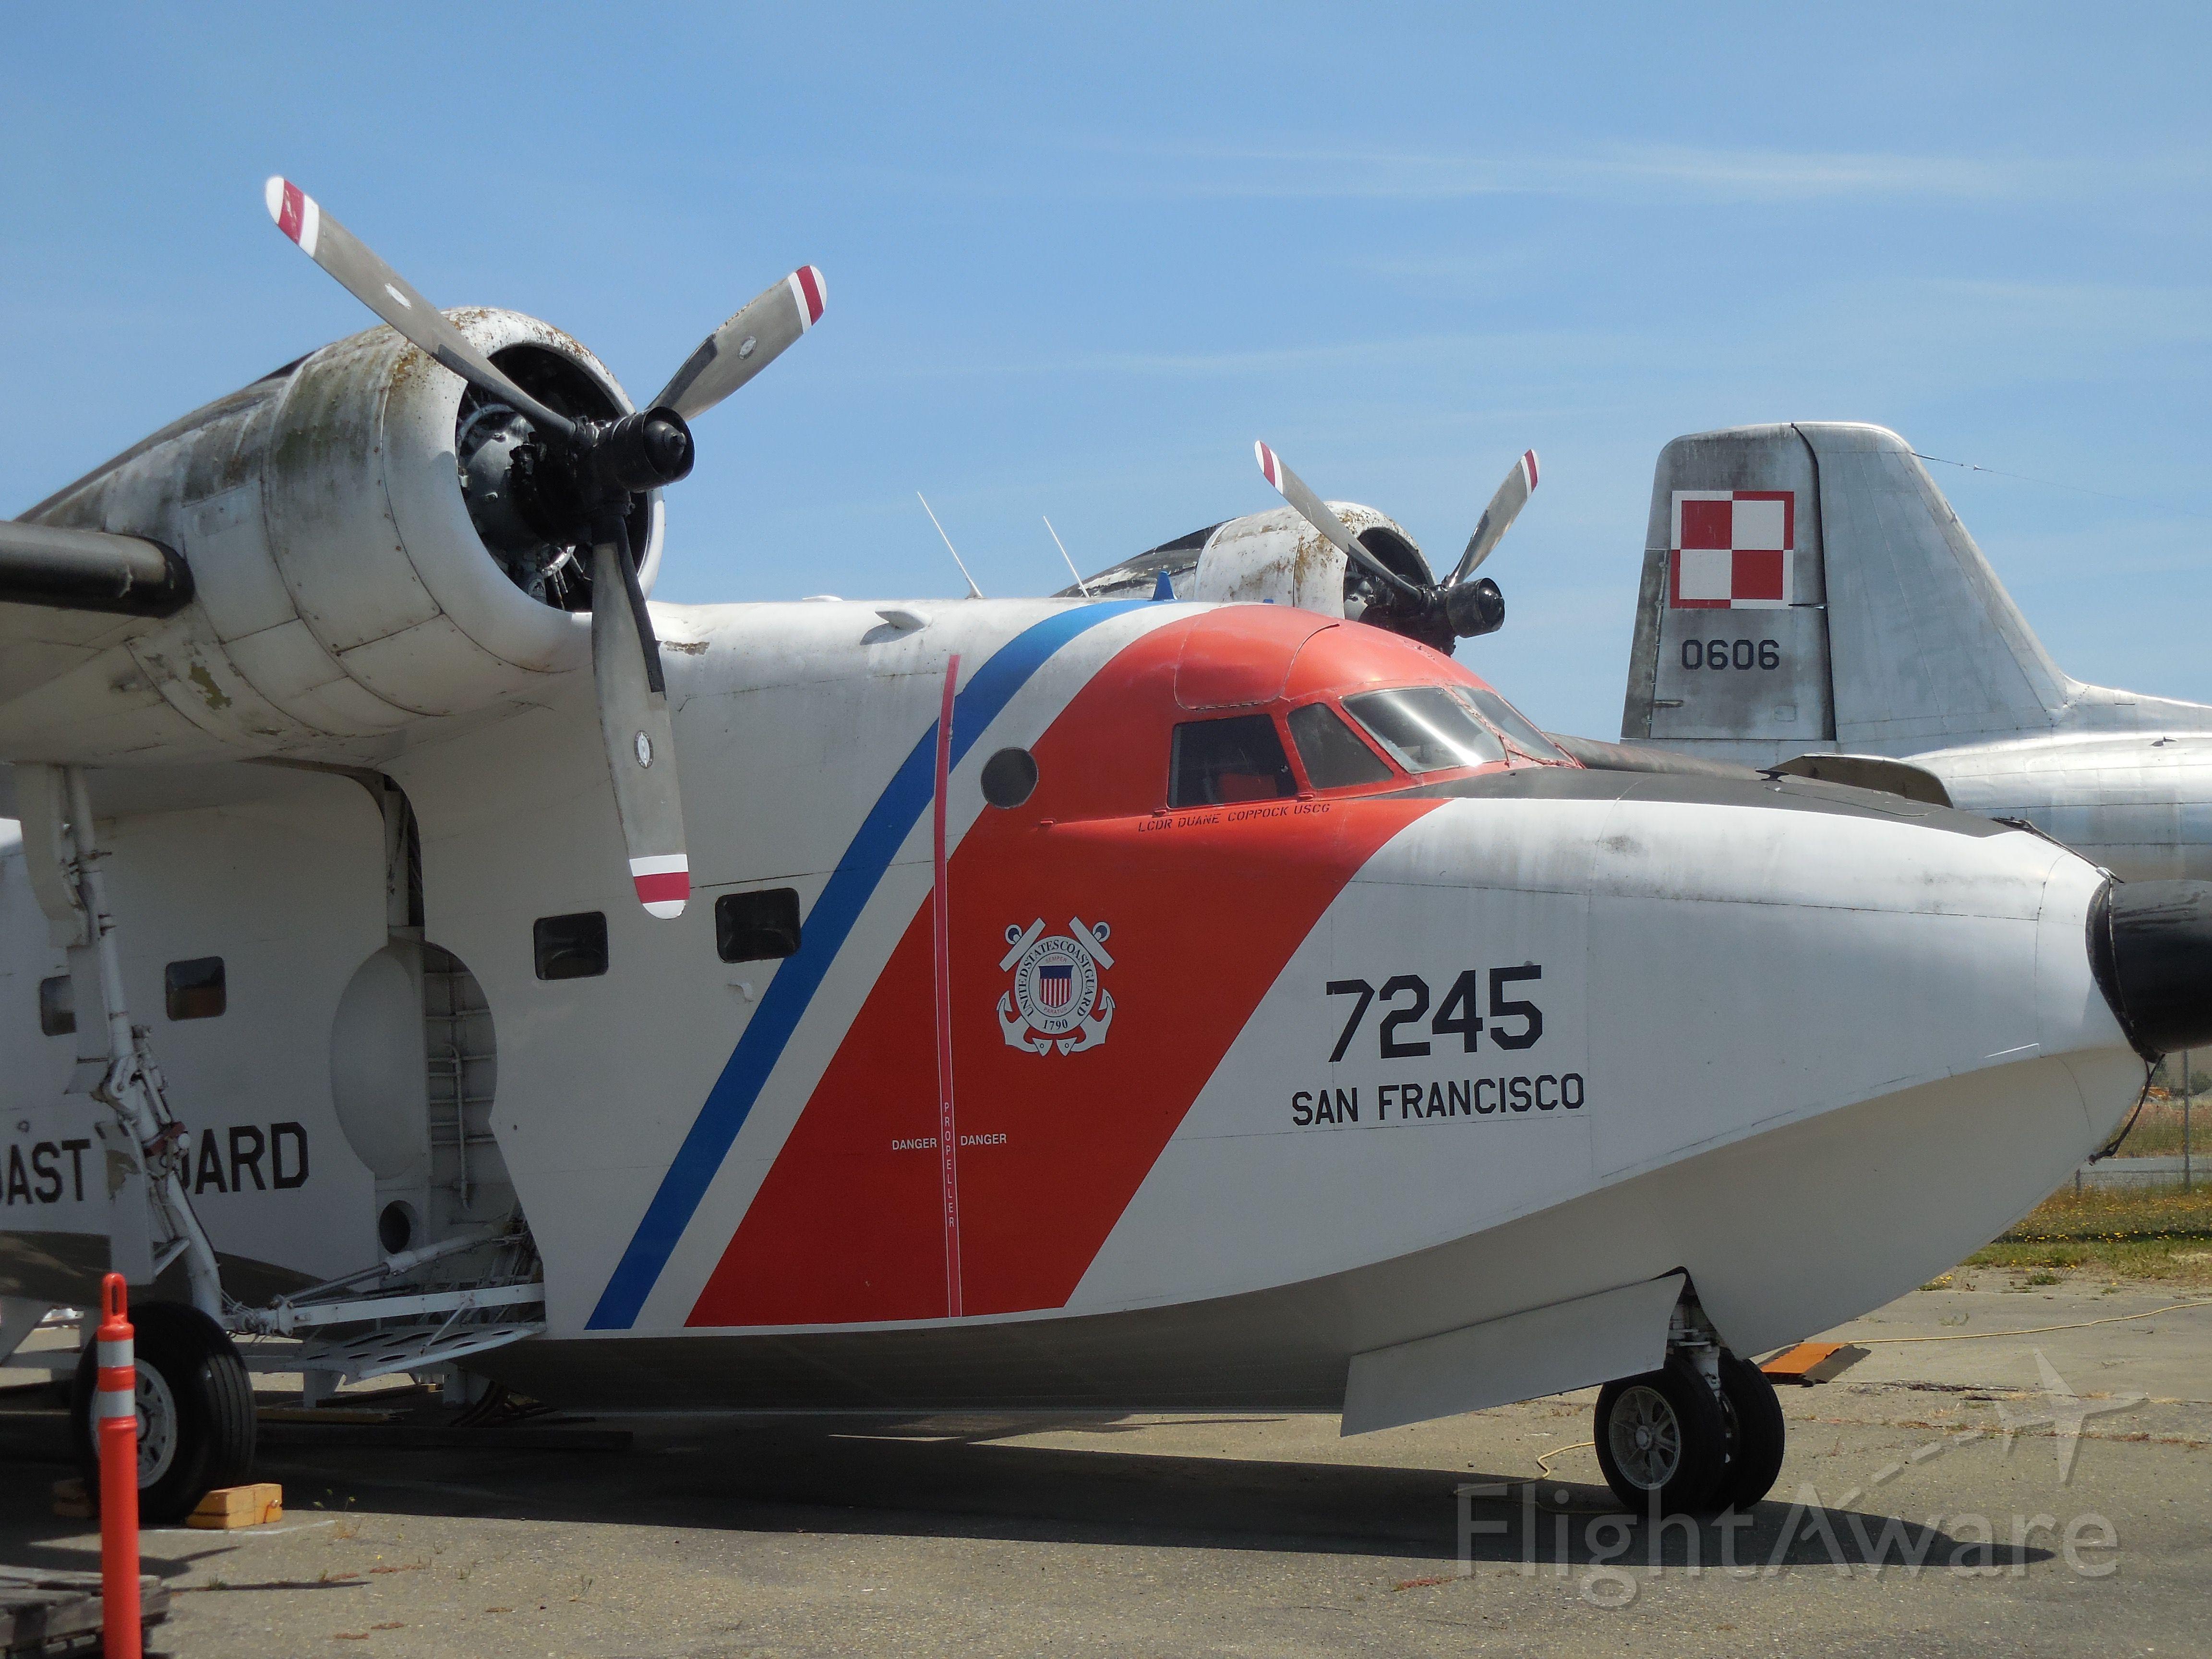 Grumman G-73 Mallard (51-7245)